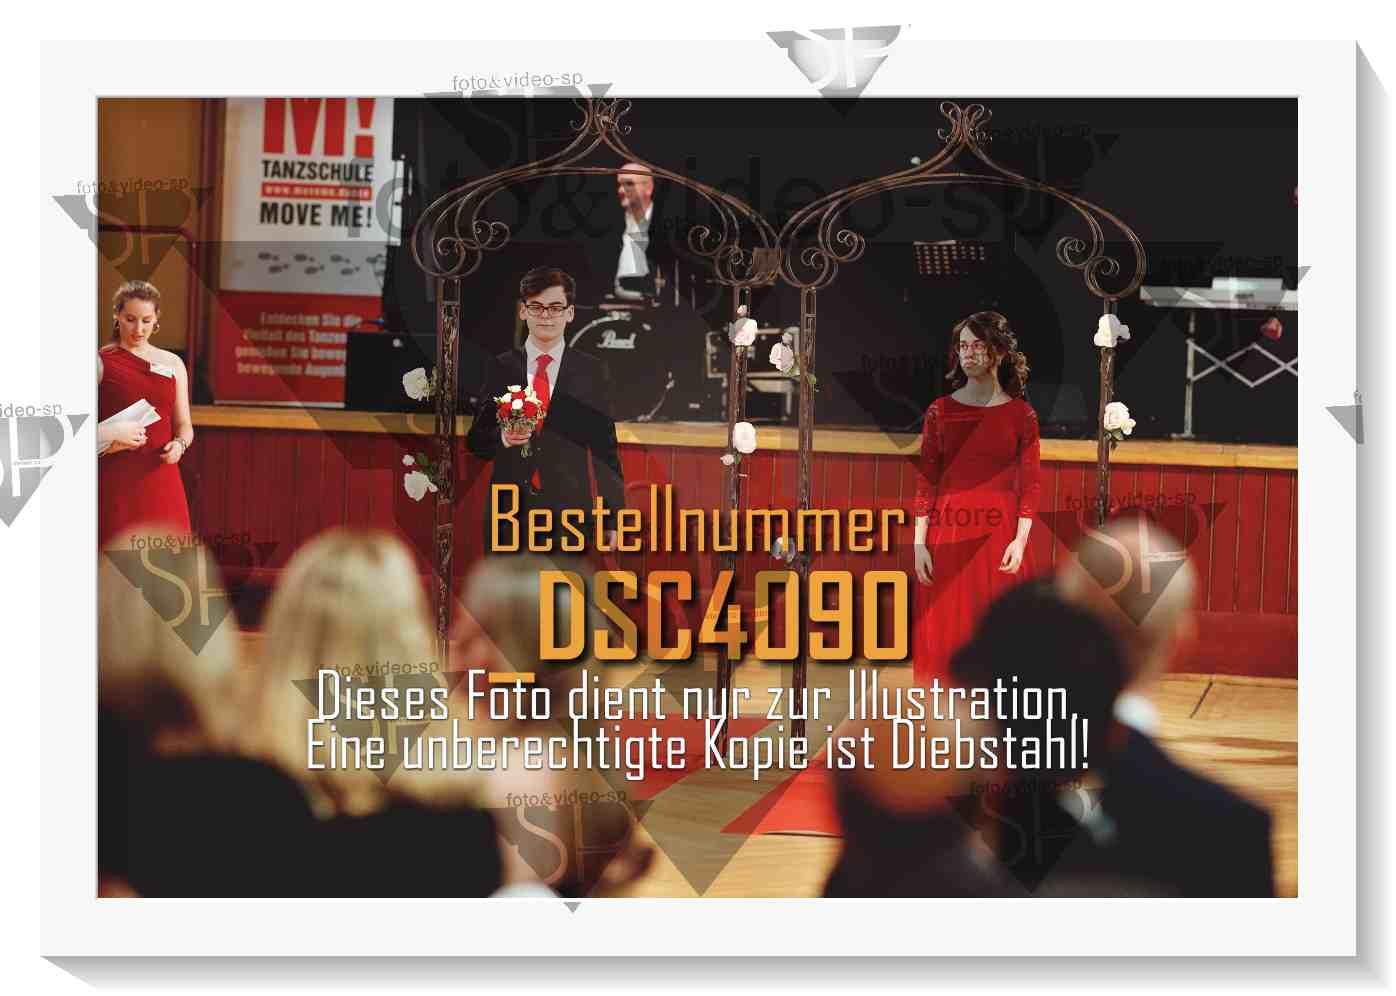 DSC4090